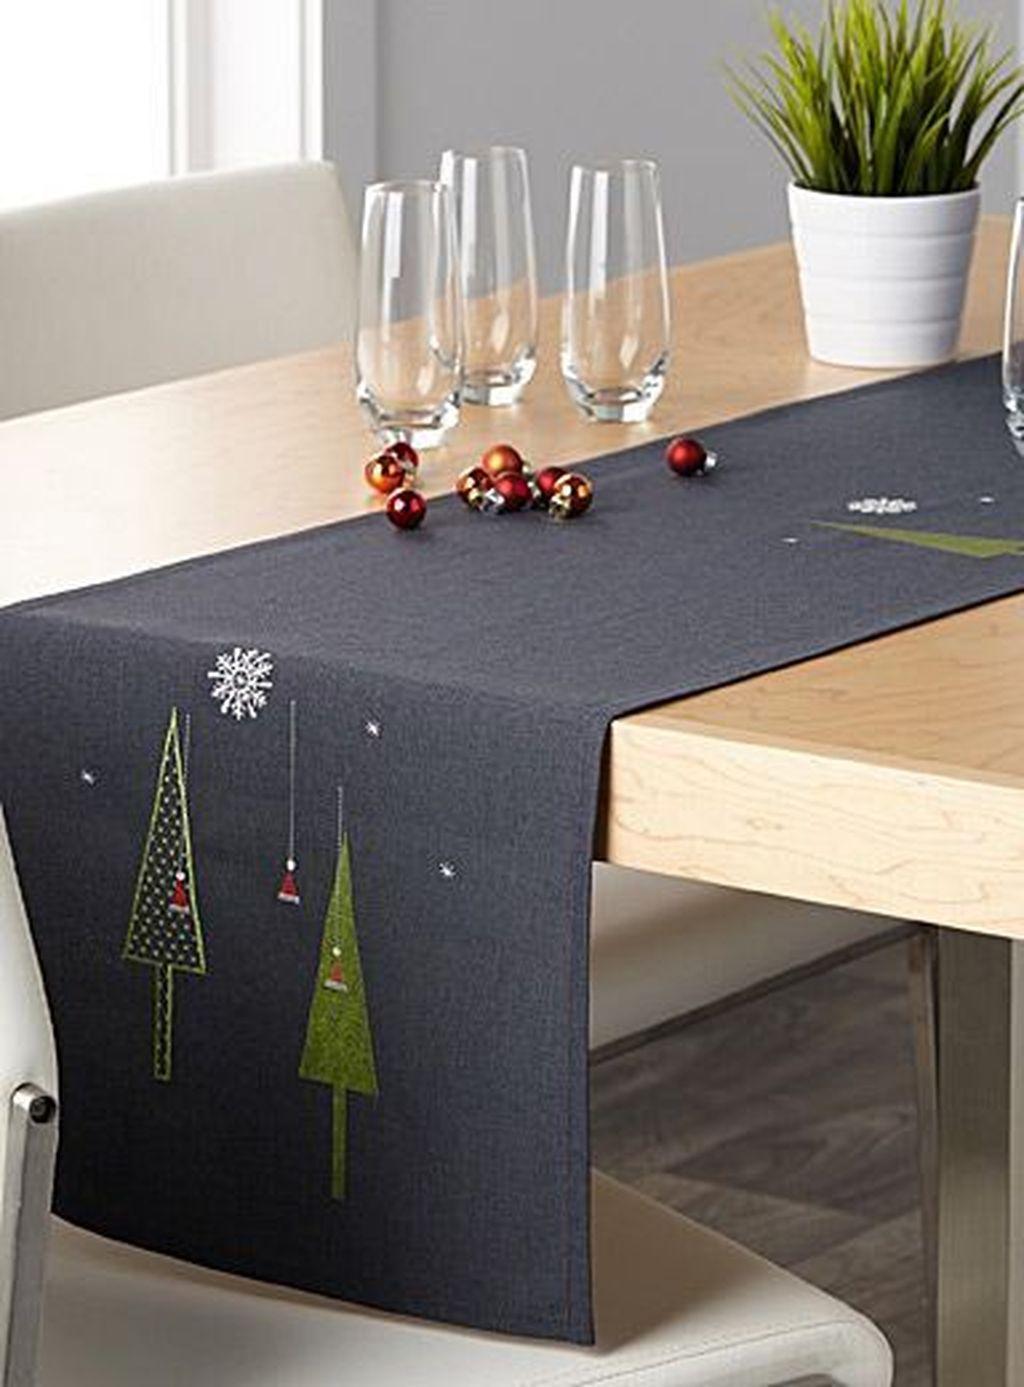 59 Diy Christmas Decor Ideas For The Table Modern Table Runners Christmas Table Runner Christmas Decor Diy